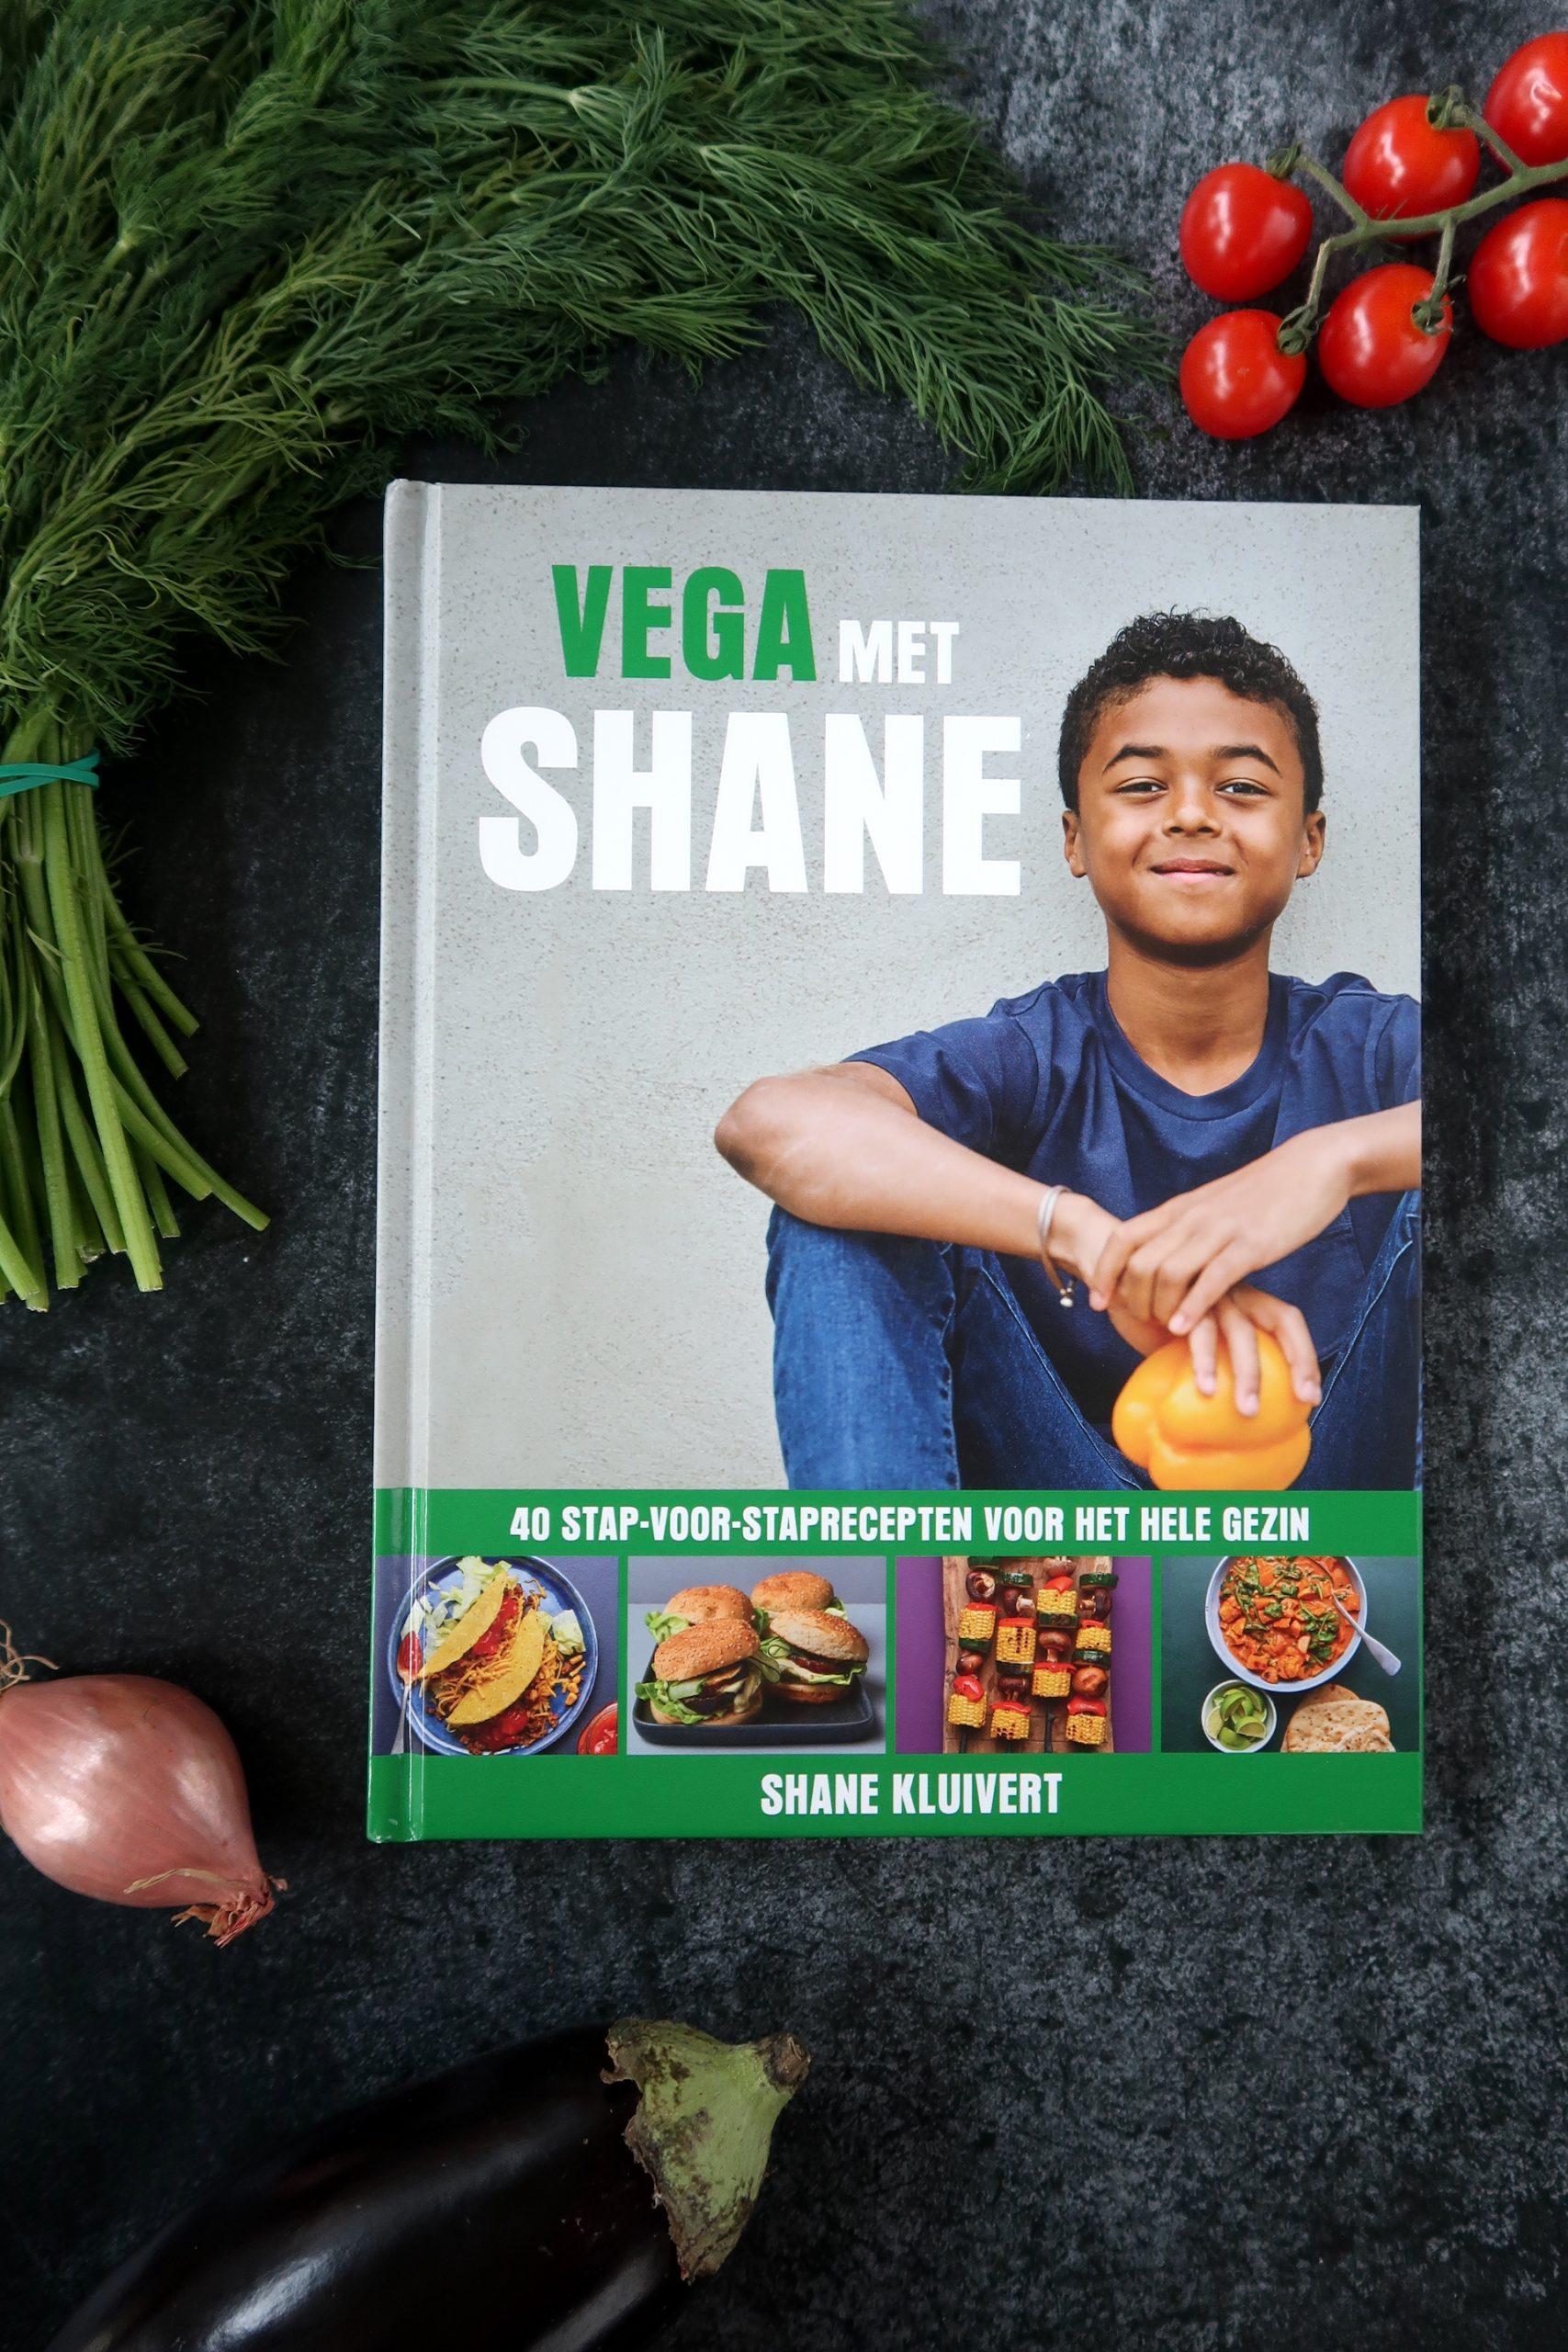 Review vega met shane